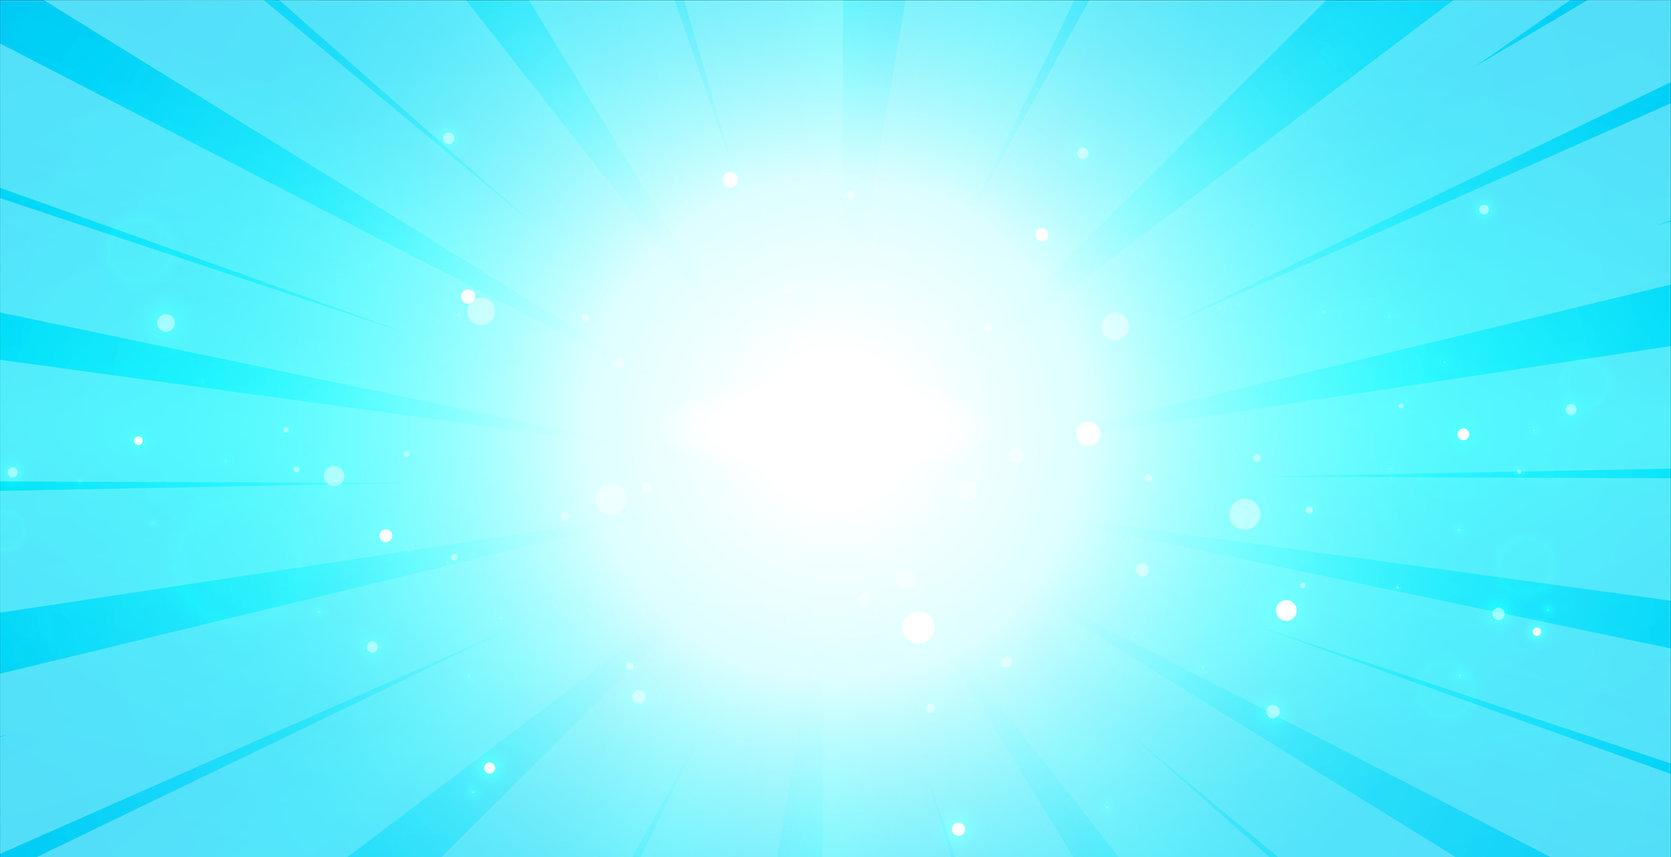 25444.jpg